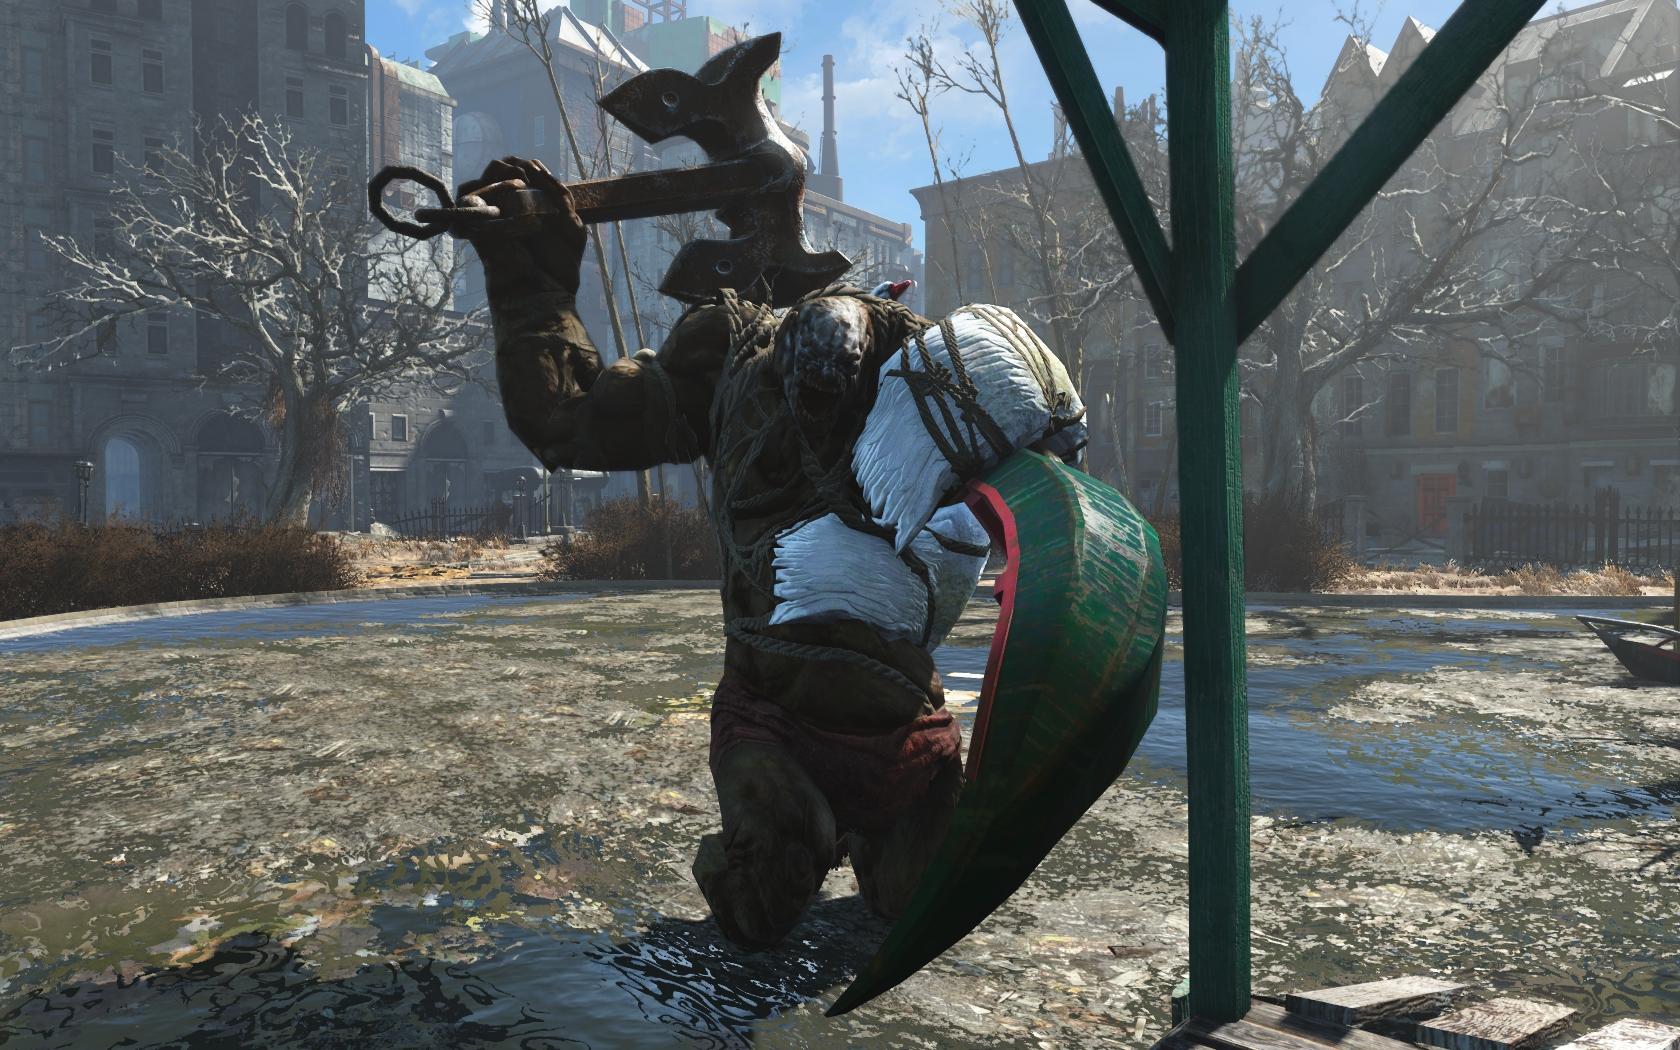 Лебедь 1 - Fallout 4 Лебедь, супермутант, Чудище